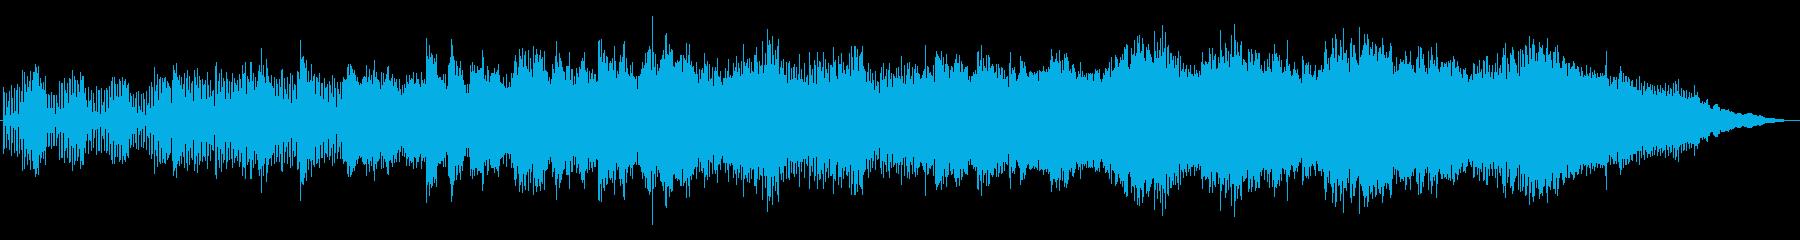 優しくきらびやかなテクノの再生済みの波形